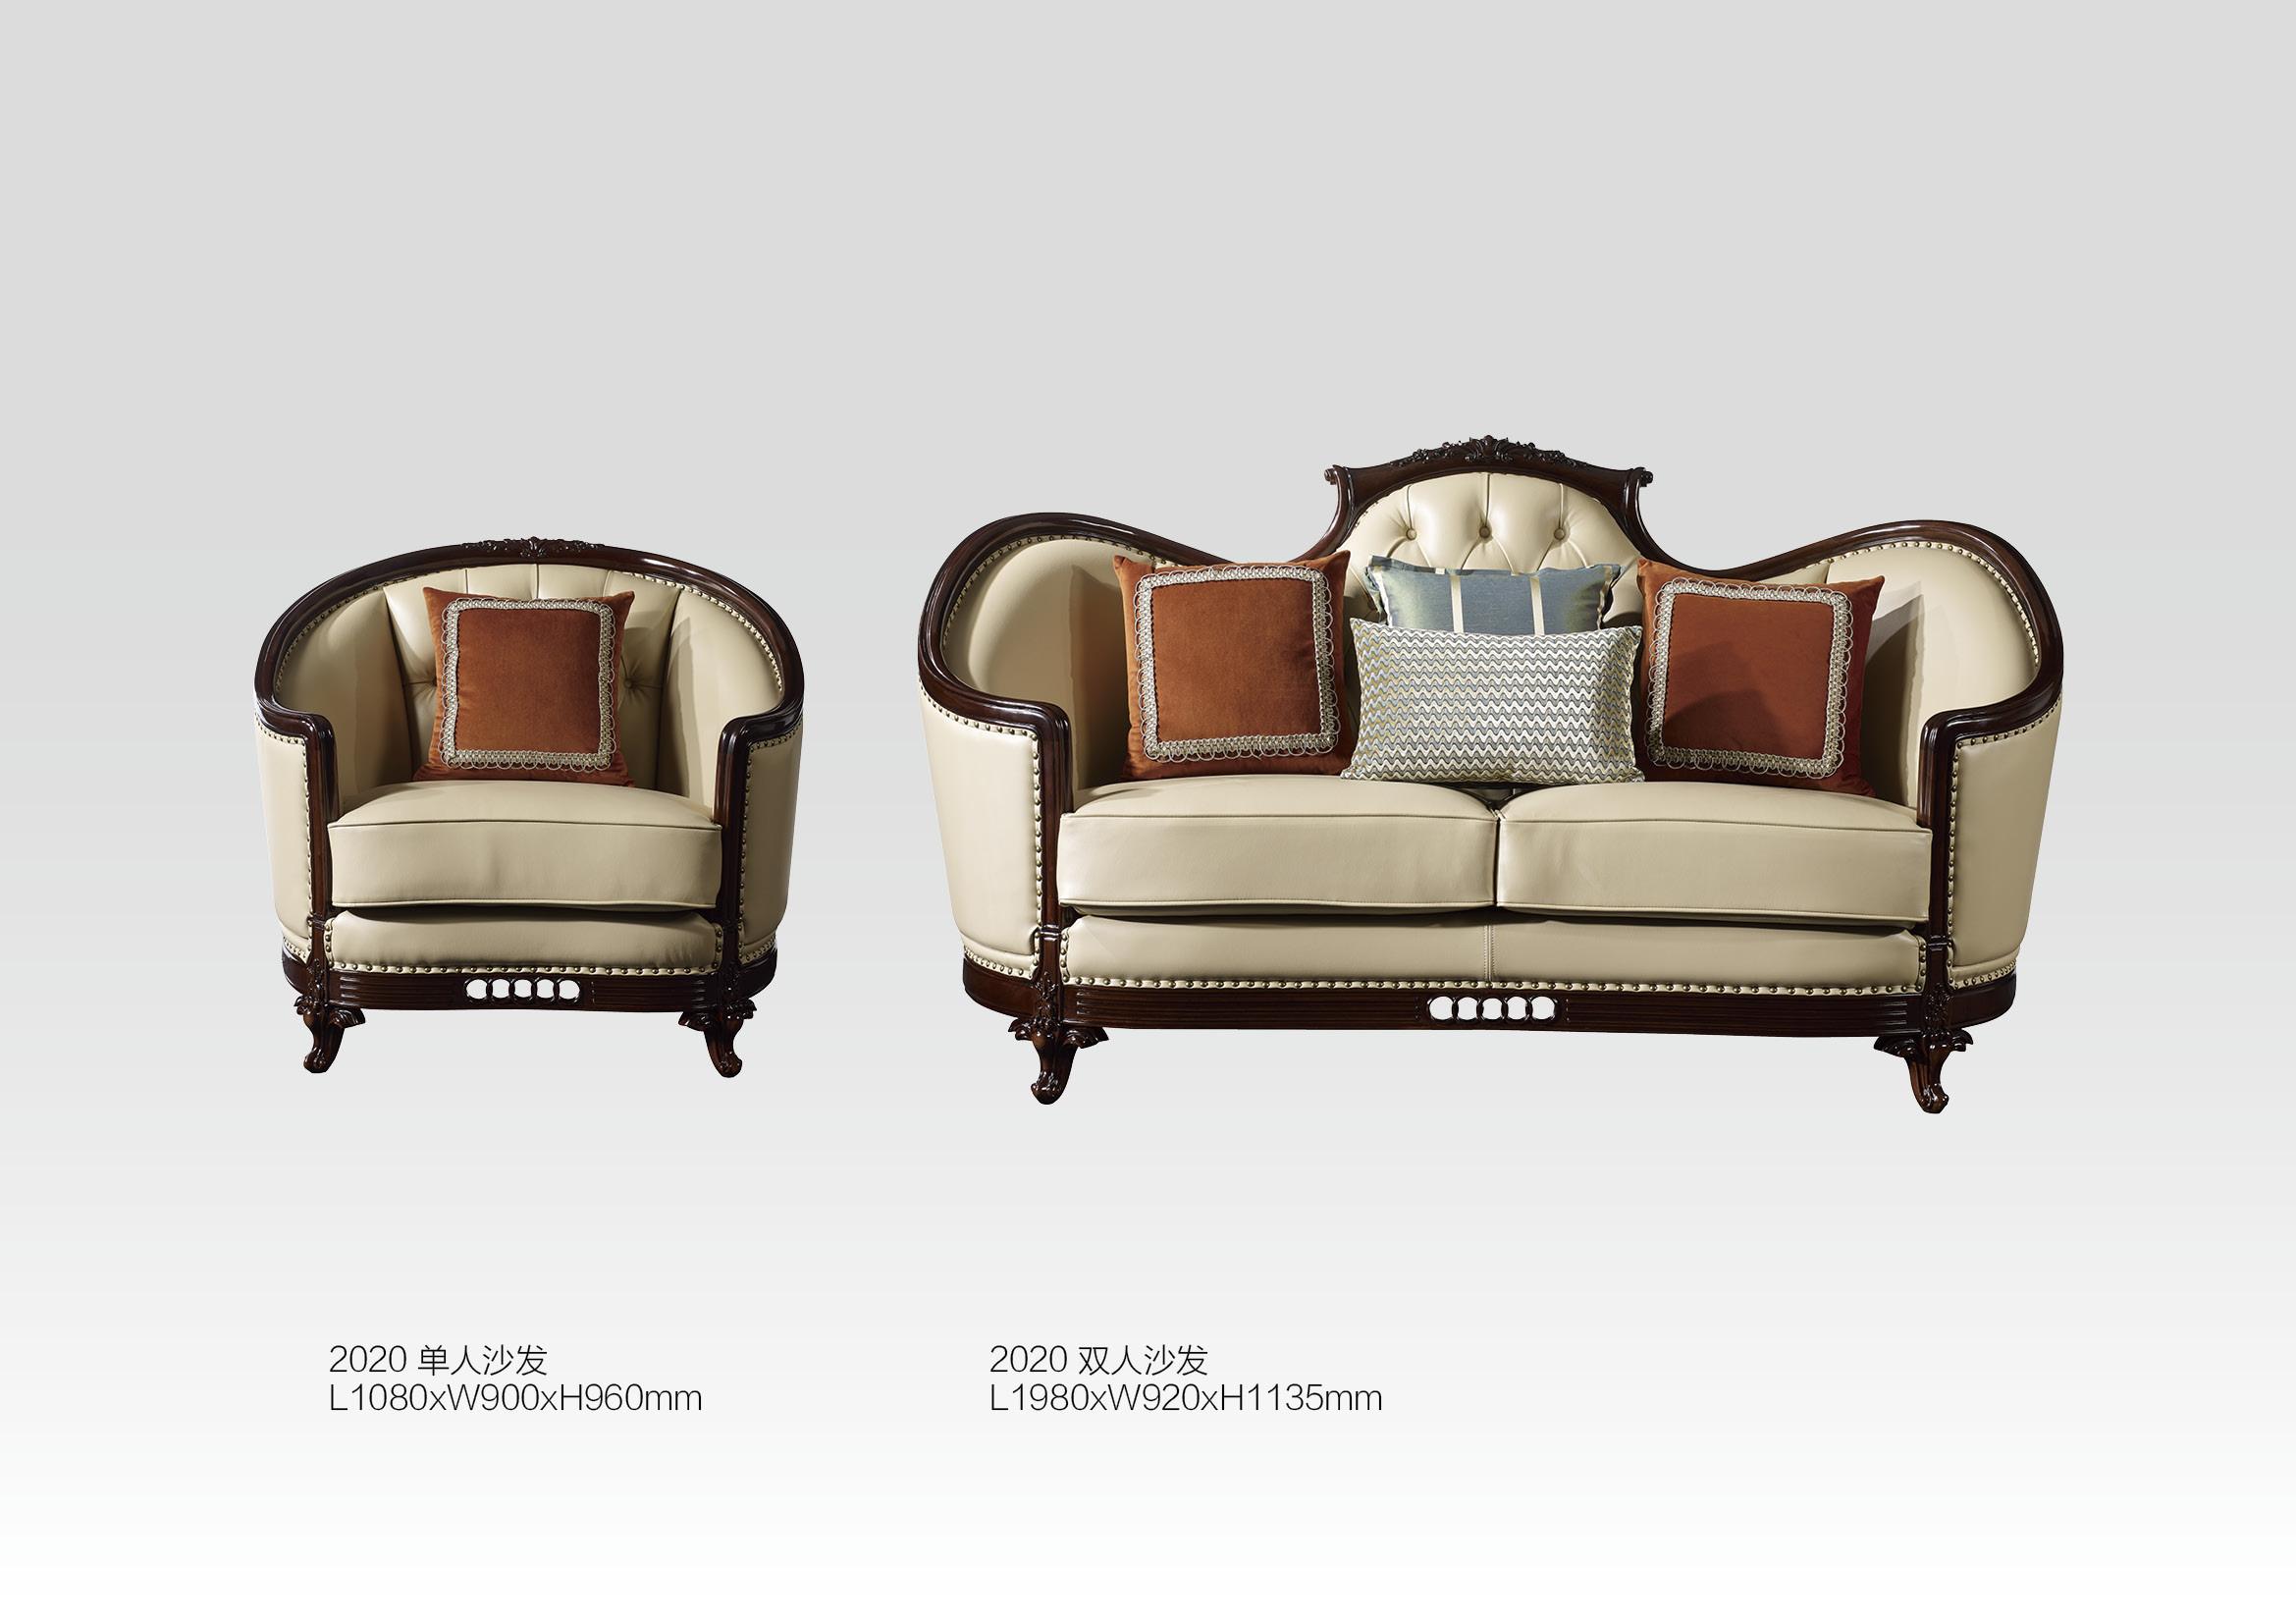 舒适头层真皮:沙发独特的凹点设计,更符合人体曲线,头层真皮让坐感更加饱满舒适。 精雕细琢的高贵雕花,在视觉上形成极端的华贵的感觉,细致雕琢的精深纹路,细腻高贵,耐人寻味,边角线条圆润有弧度,配以流动柔软的青铜镀金雕饰曲线,华丽而优美; 复古铜钉装饰:密集复古铜钉工艺修饰,更加铸就产品的高档,体现典雅浪漫色彩; 厚实沙发坐垫:坐垫饱满充实,内部填充高密度海绵坐感舒适柔软 优质皮质与细腻的雕花,富有层次与美观,高贵典雅,添加几分古典的宁静与和谐;   造型简洁大气线条刚柔相济,色泽清新澯雅雕花唯美,缝隙平整节